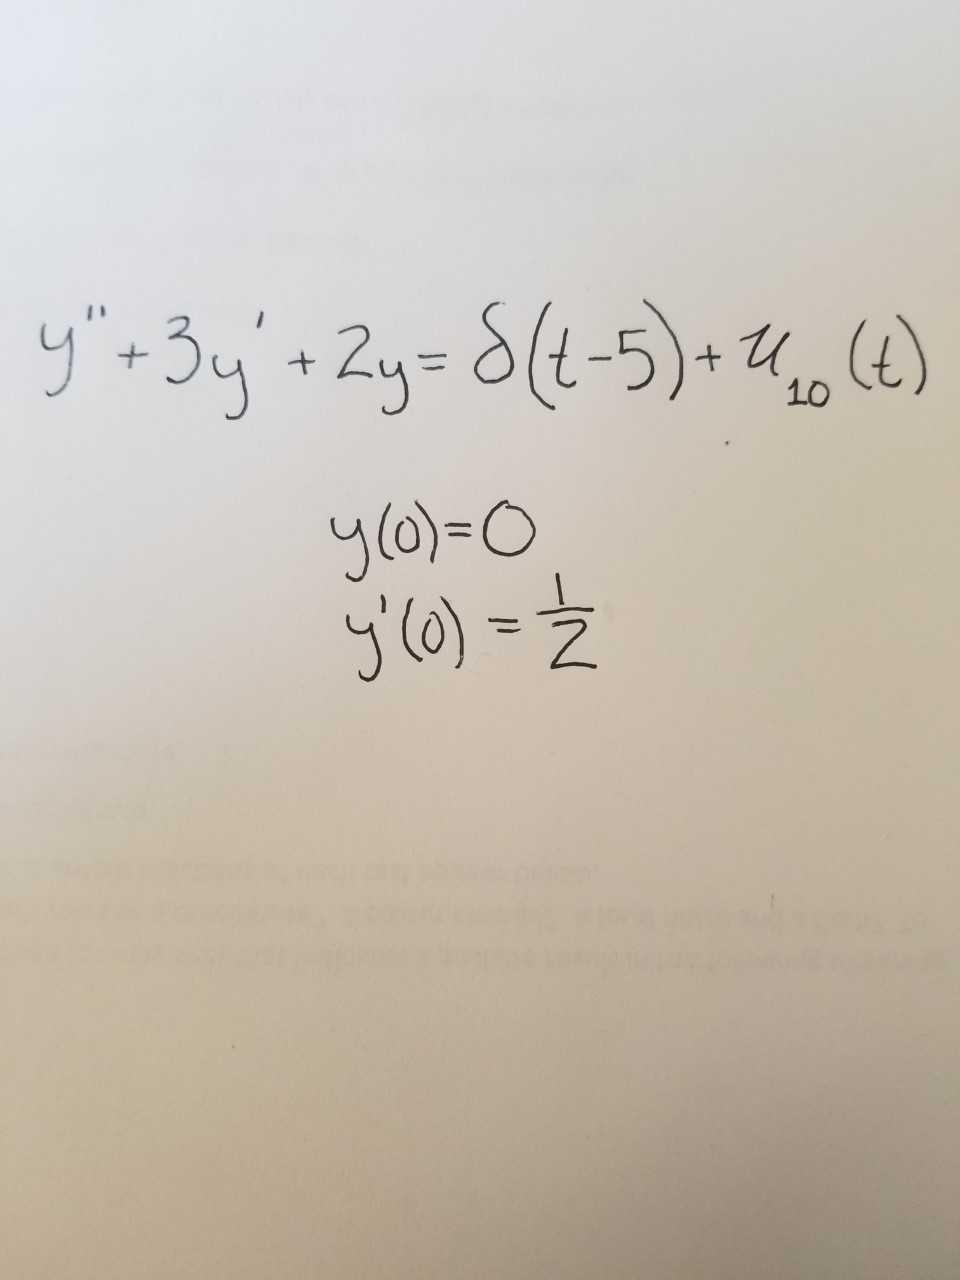 T-3y 2y-8t-5) (4) + 1 10 Ja)=O